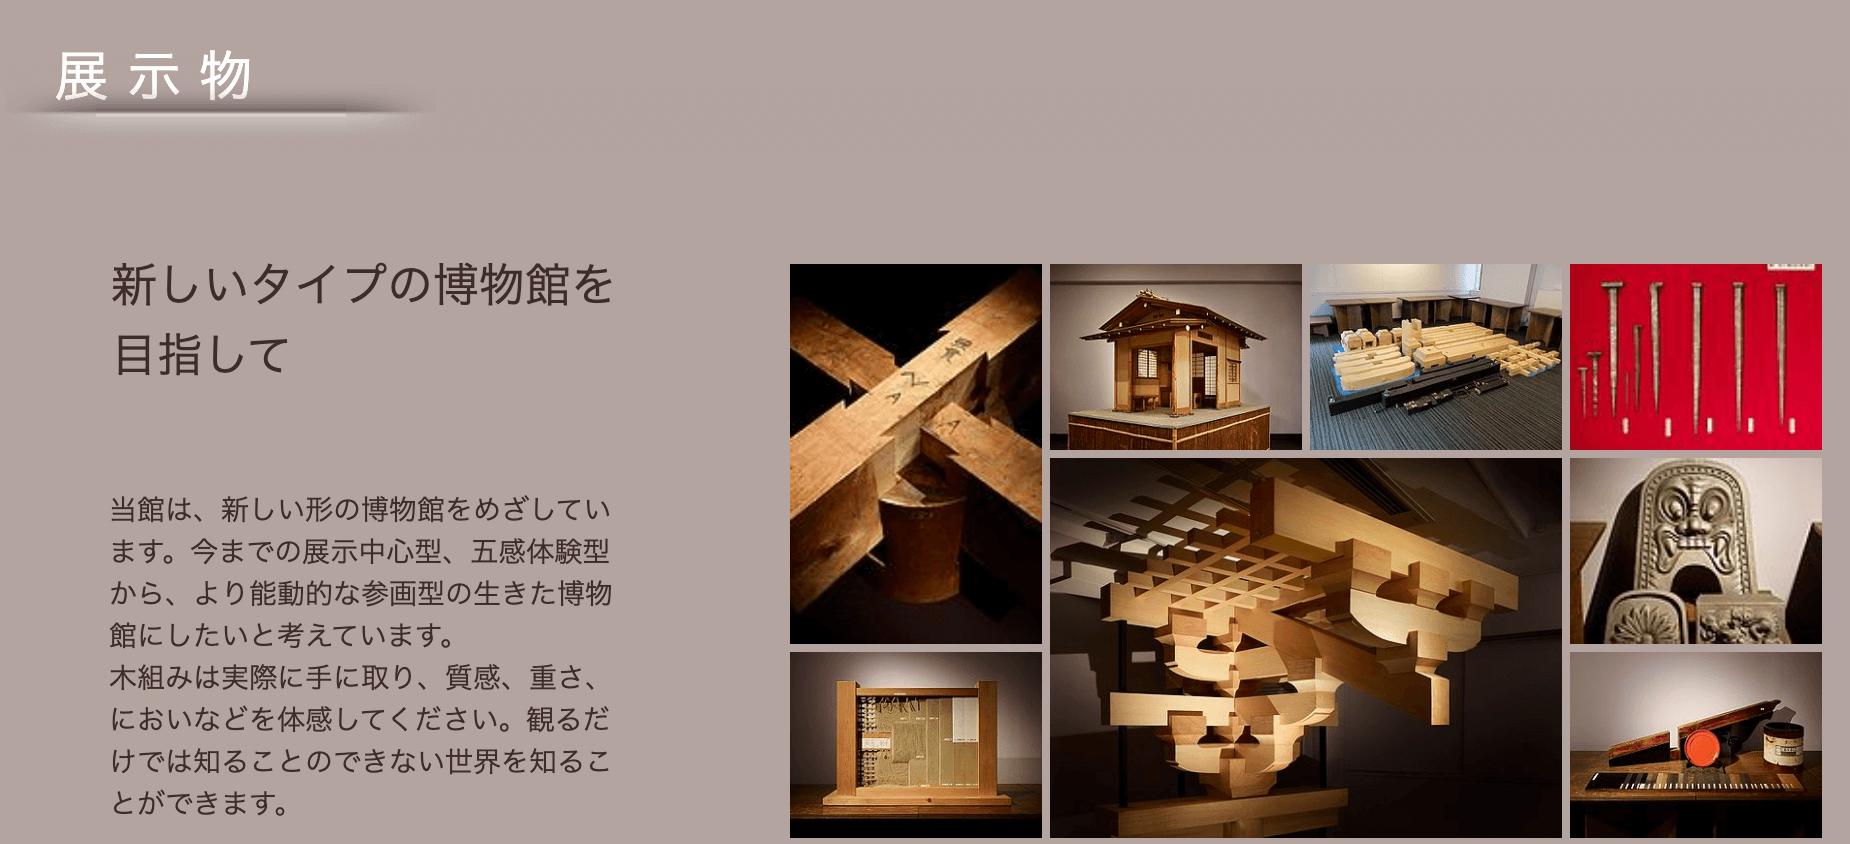 3.木組みの魅力を伝えるコンテンツ